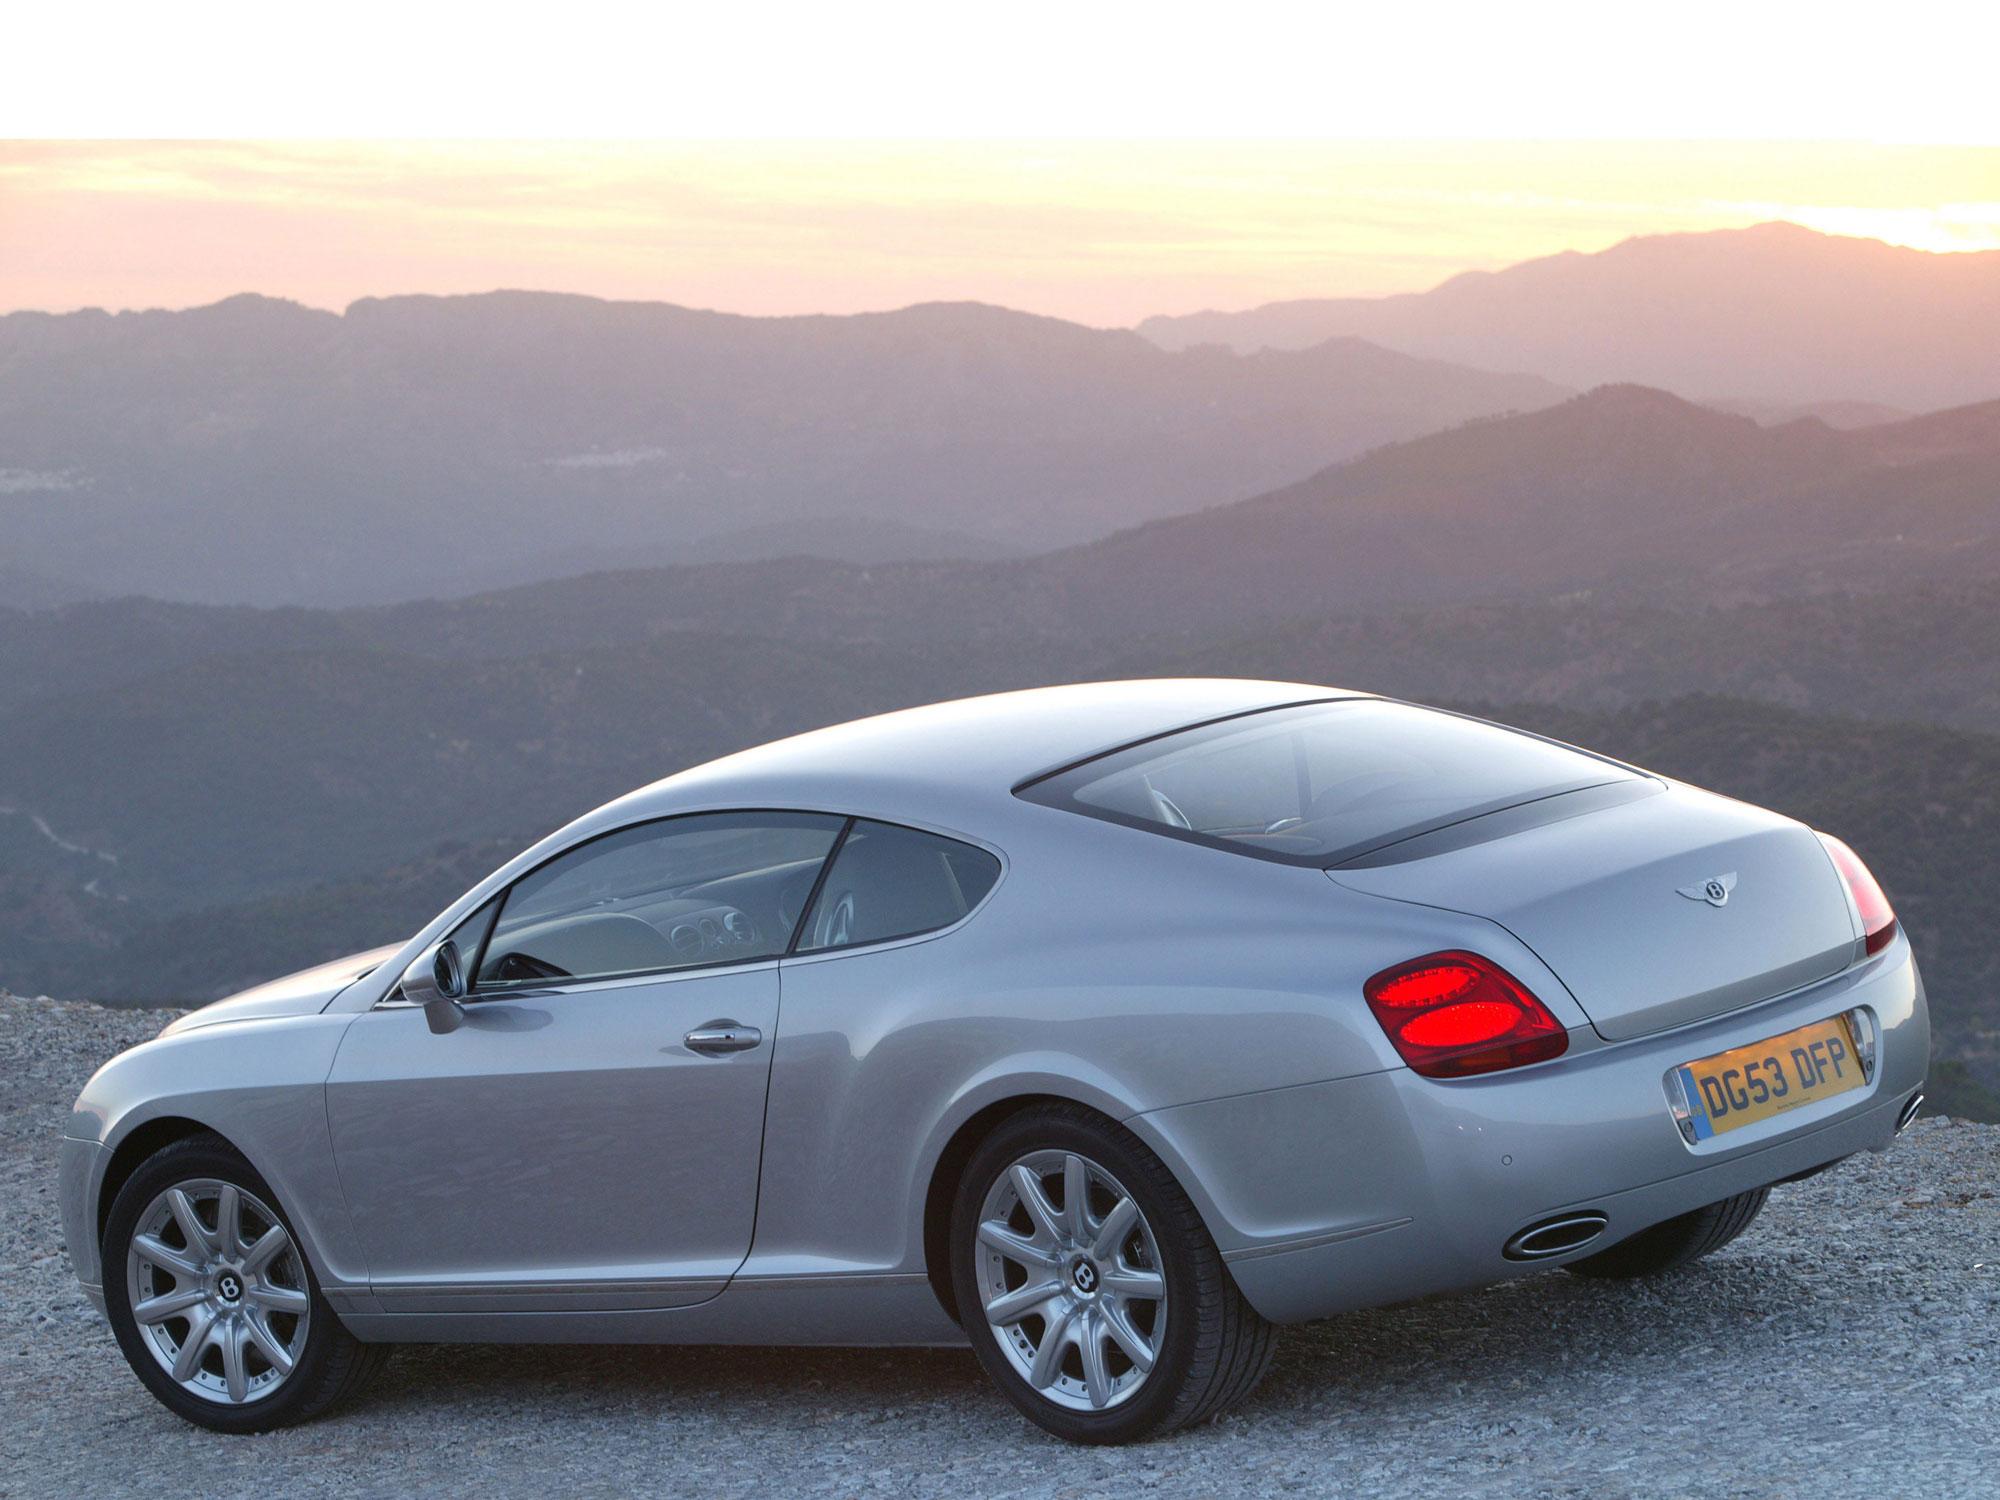 Bentley-Continental-GT-12.jpg